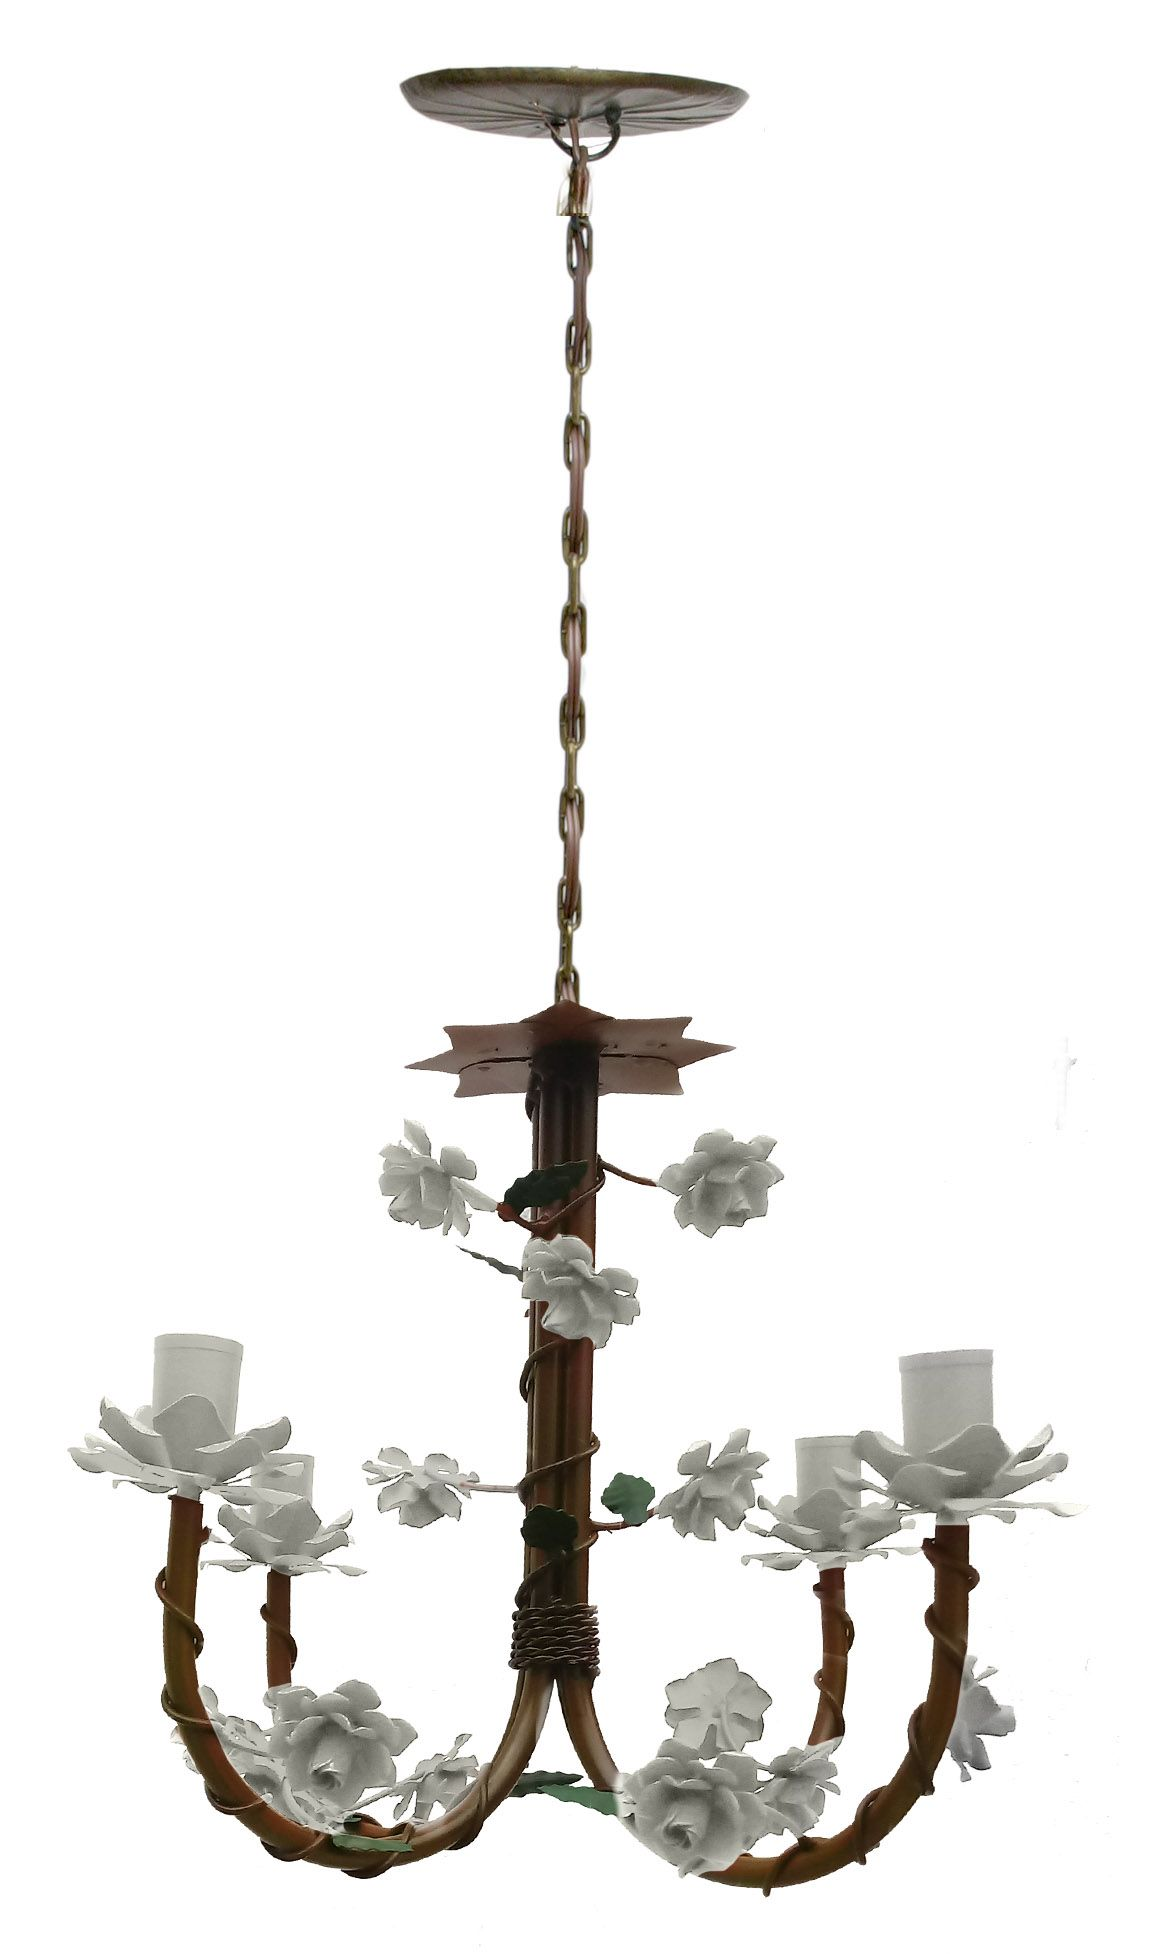 Lustre Rustico Artesanal em Ferro e Lata Decoração de Sala Pequena